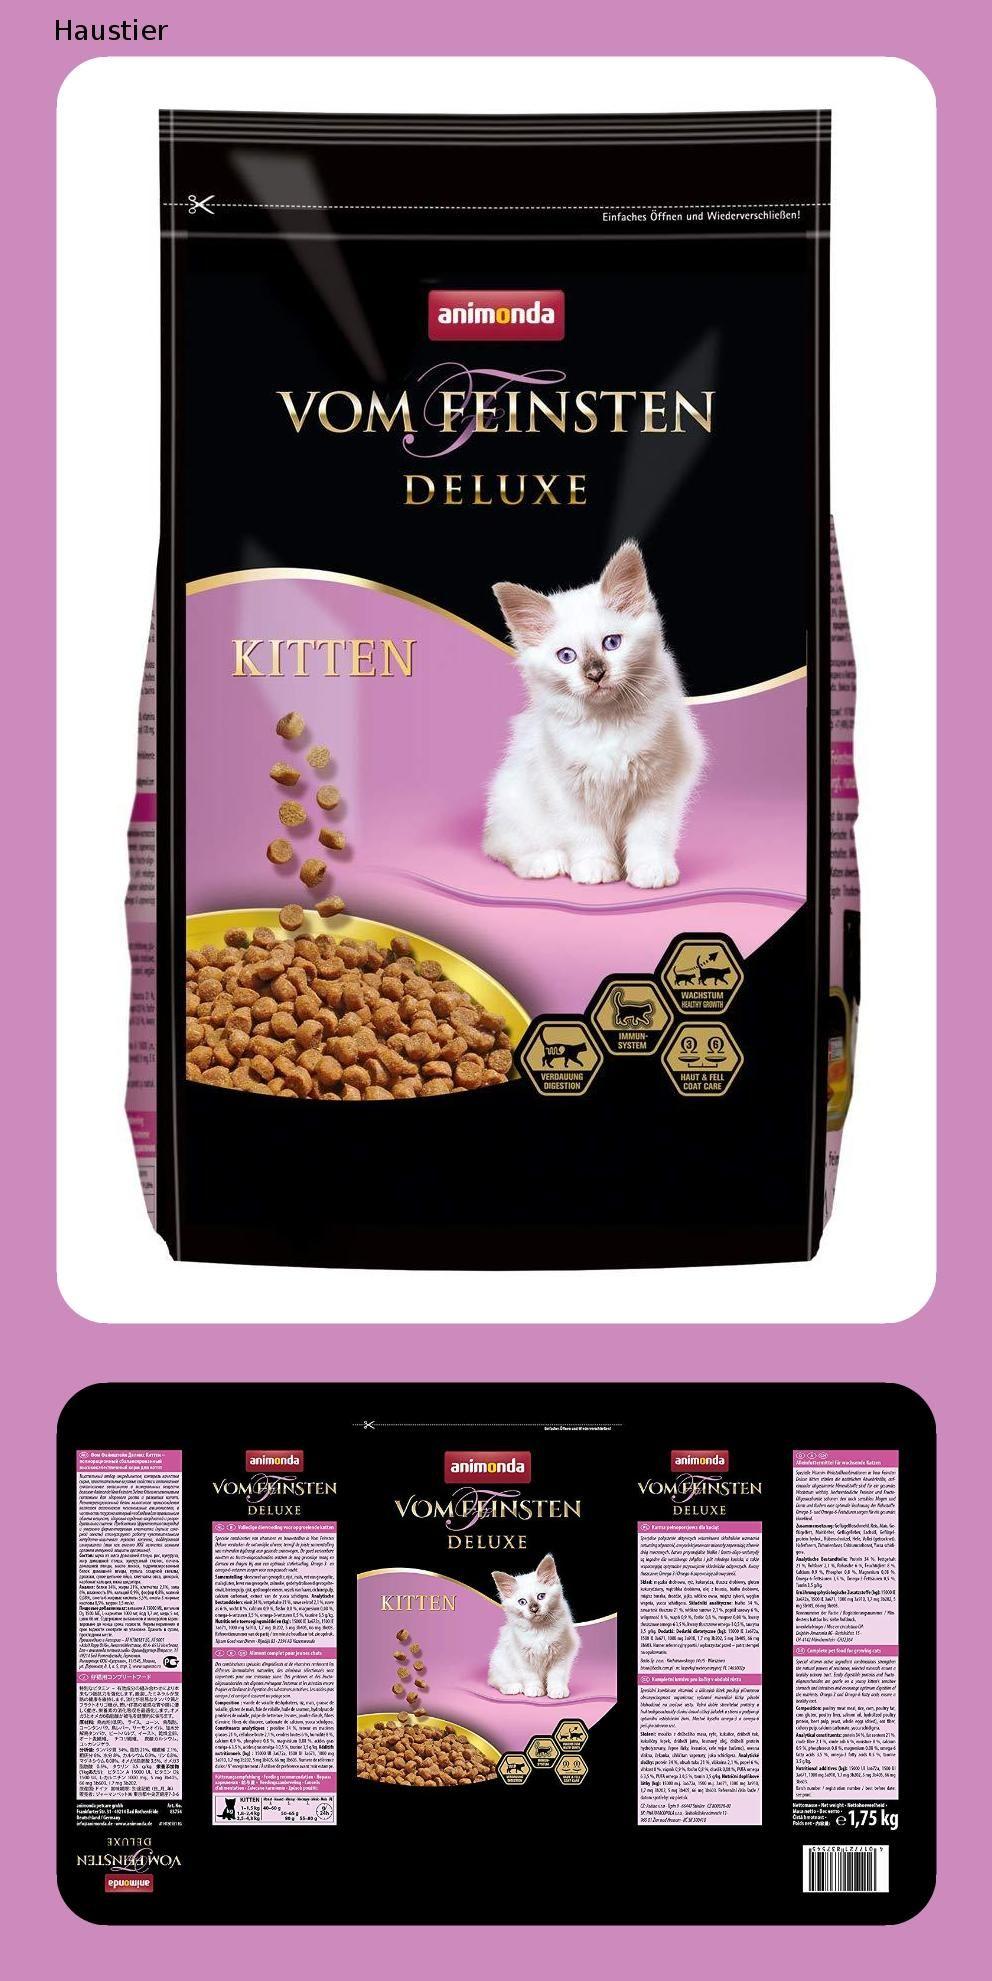 Animonda Vom Feinsten Deluxe Trockenfutter Fur Katzen Verschiedene Geschmacksrichtungen Katzen Futter Katzenfutter Katzen